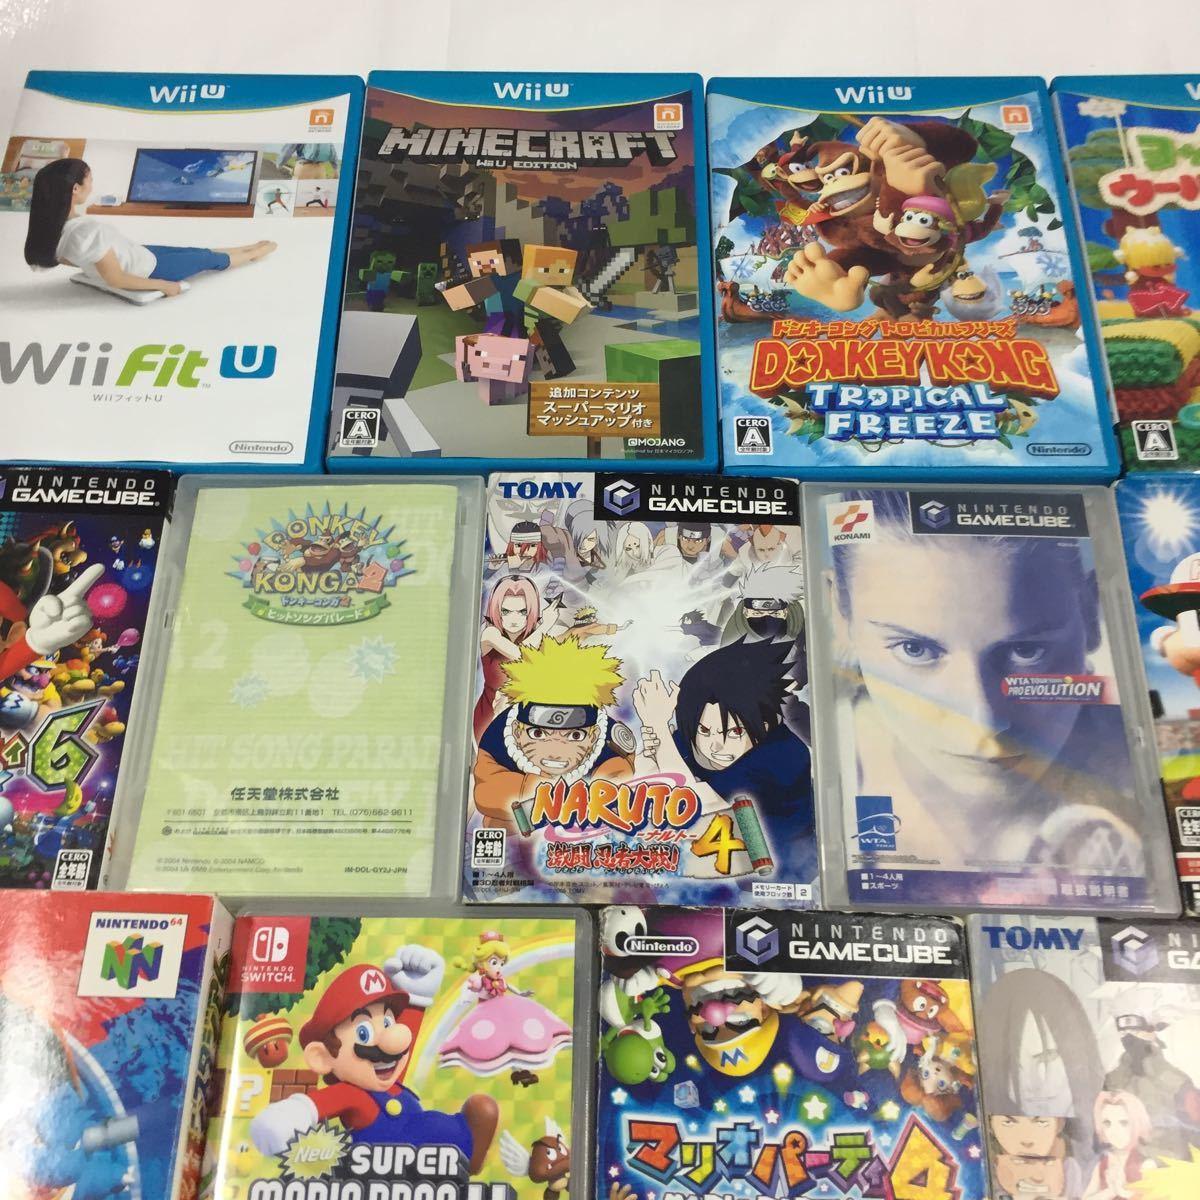 【ジャンク】Wii Wiiu ゲームボーイ ニンテンドー64 ゲームキューブ スイッチ ニンテンドーゲームソフトまとめ売り ソフト大量セット_画像2